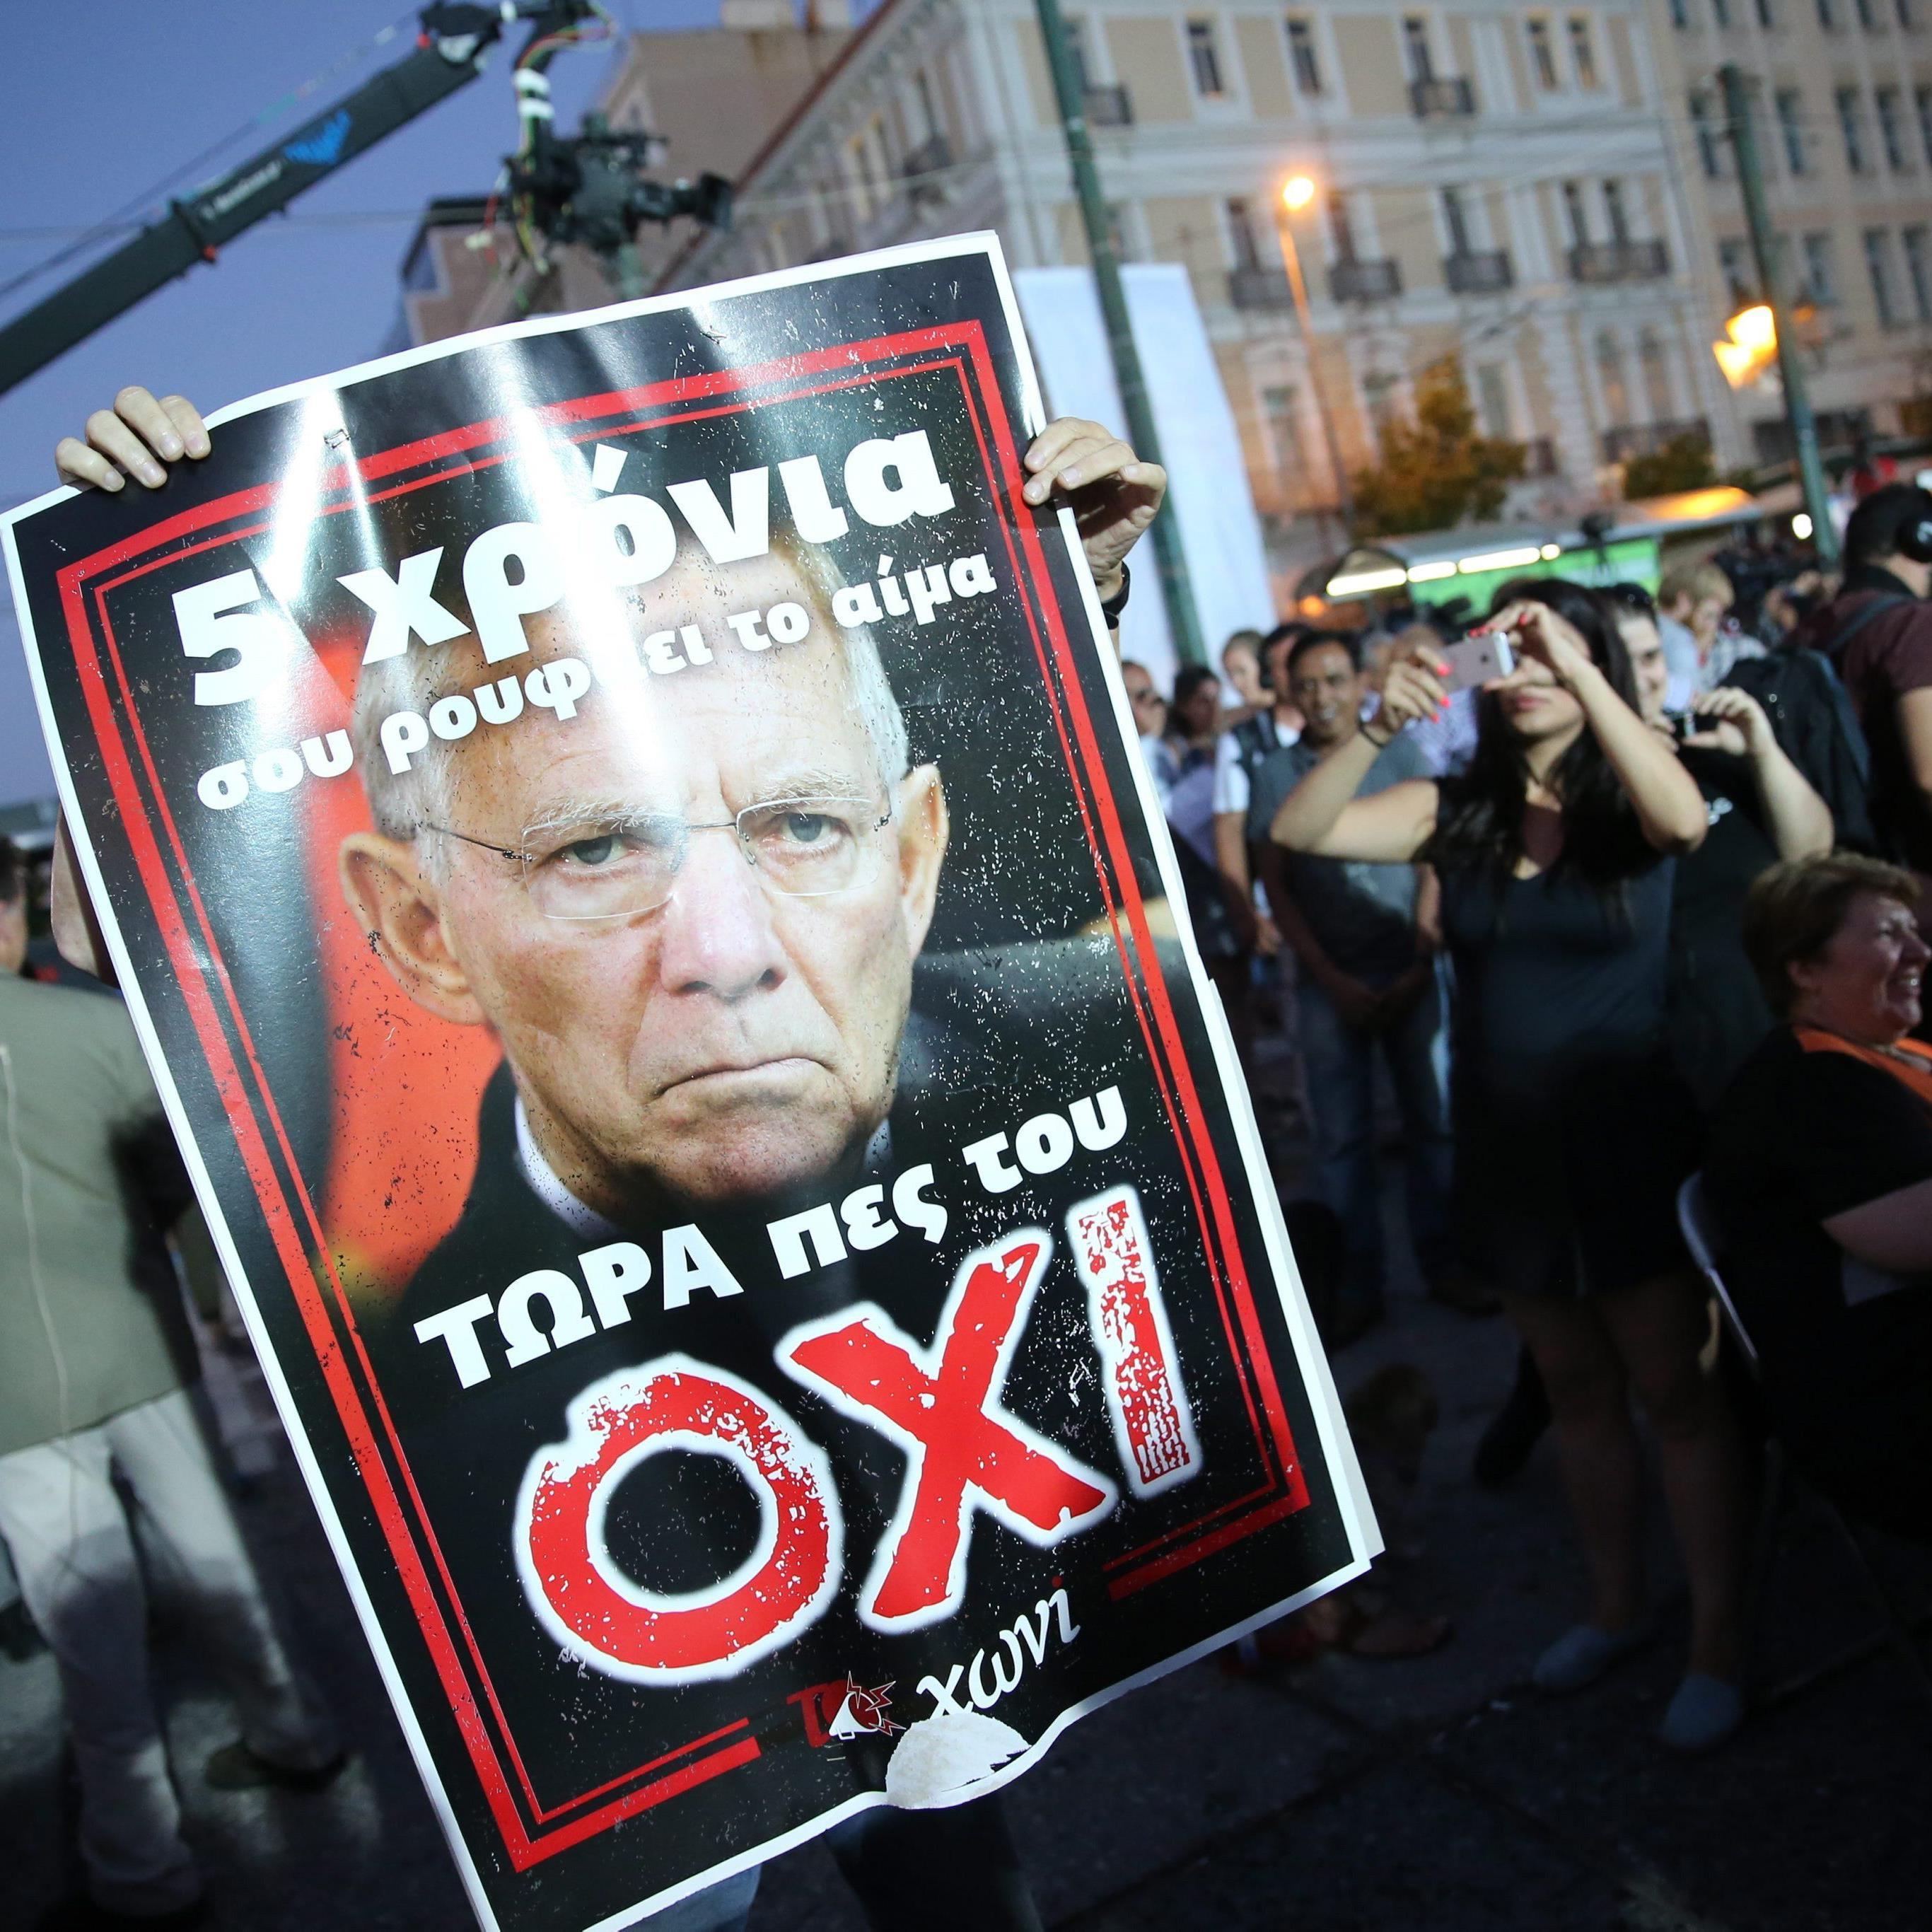 Griechen bieten Gläubigern trotz Grexit-Gefahr die Stirn.